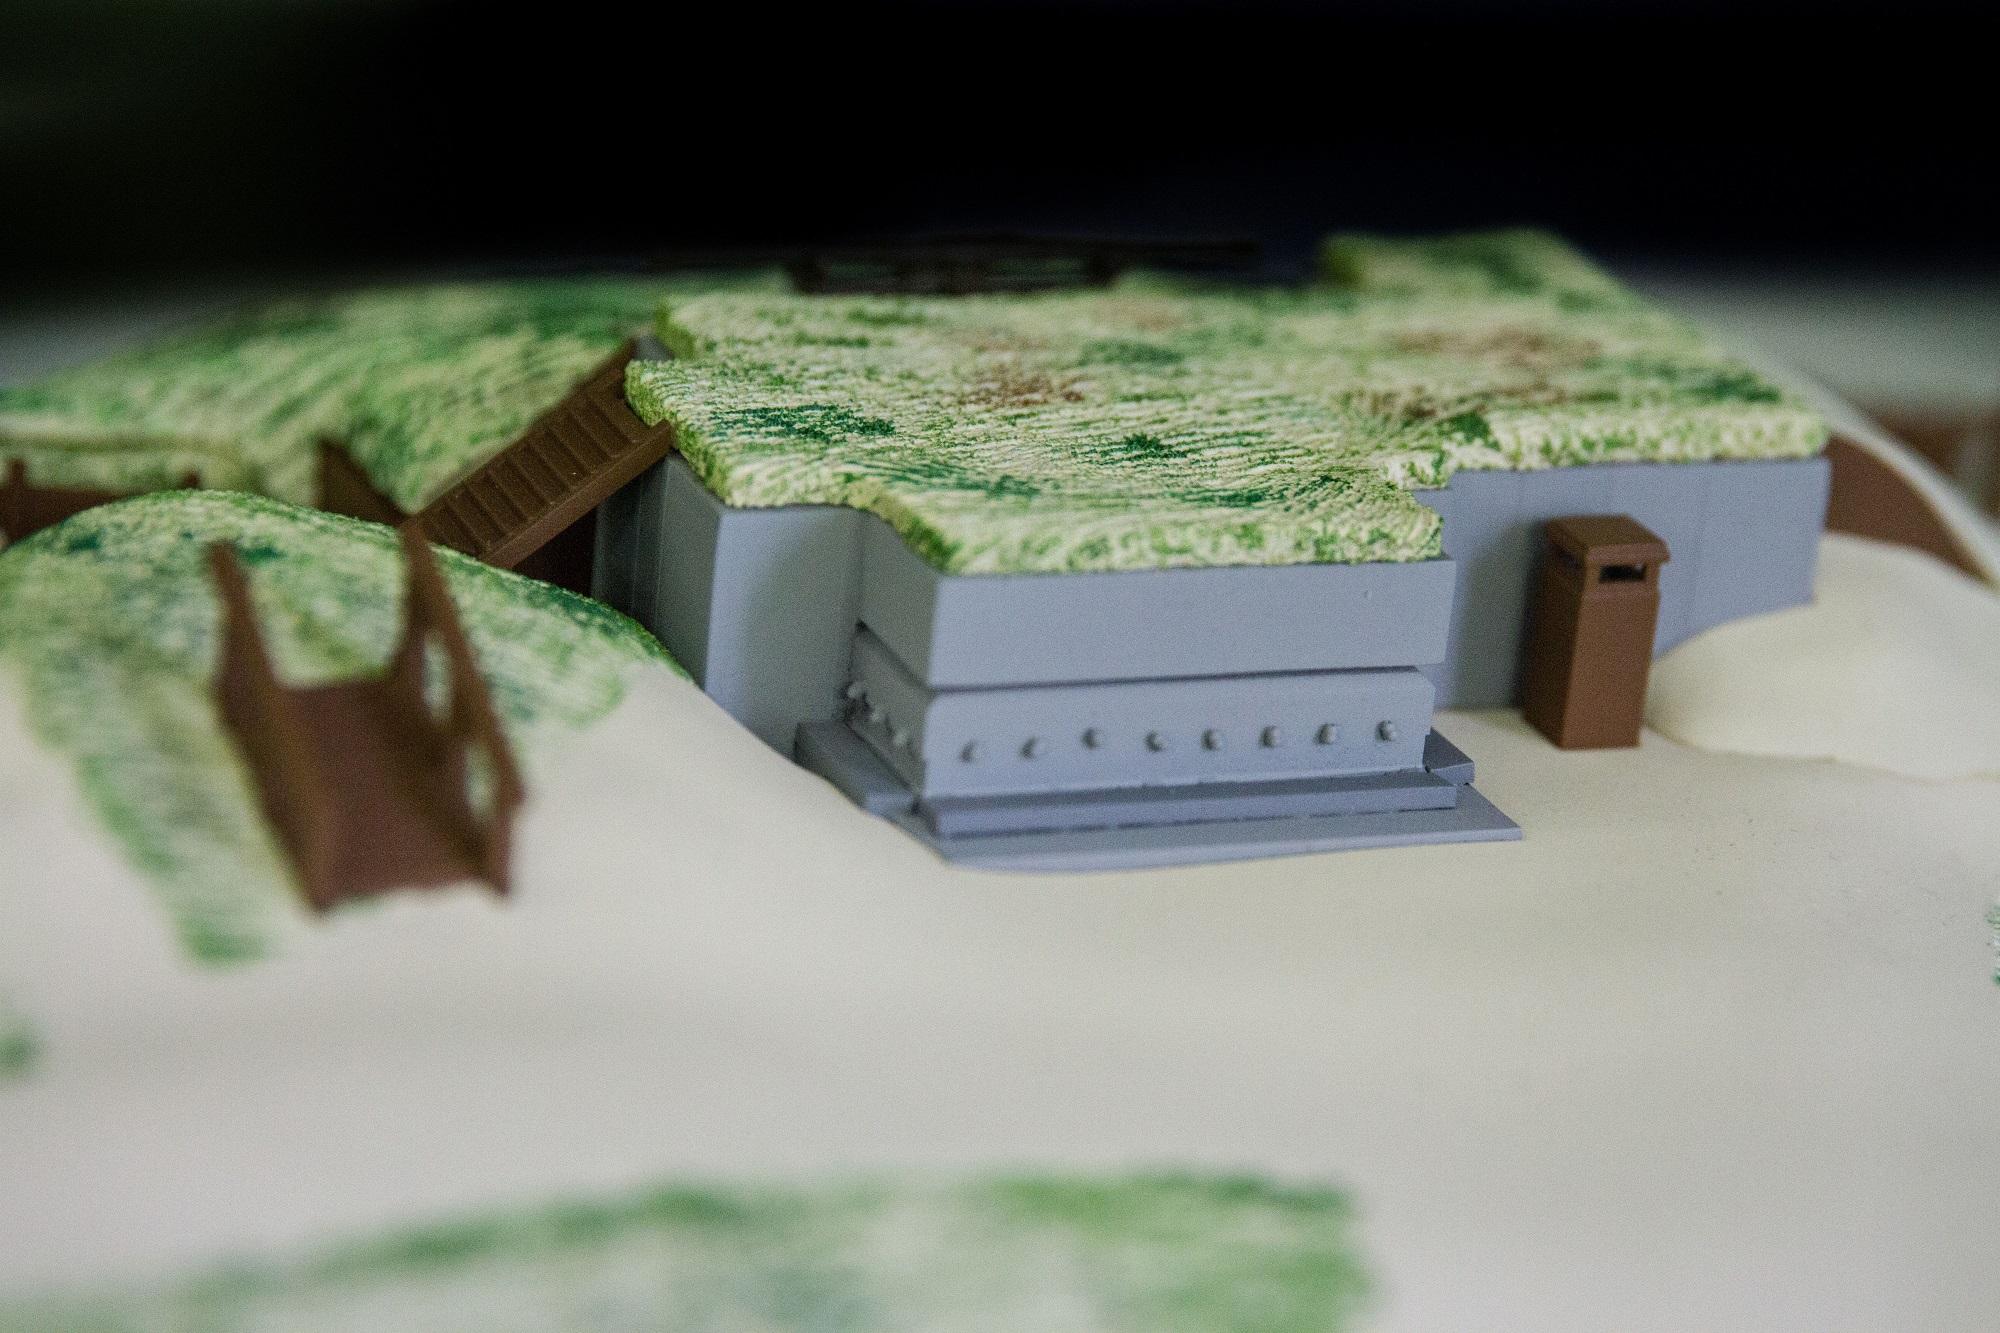 پرینتر سه بعدی و ماکت خط ساحلی بلژیک در جنگ جهانی اول